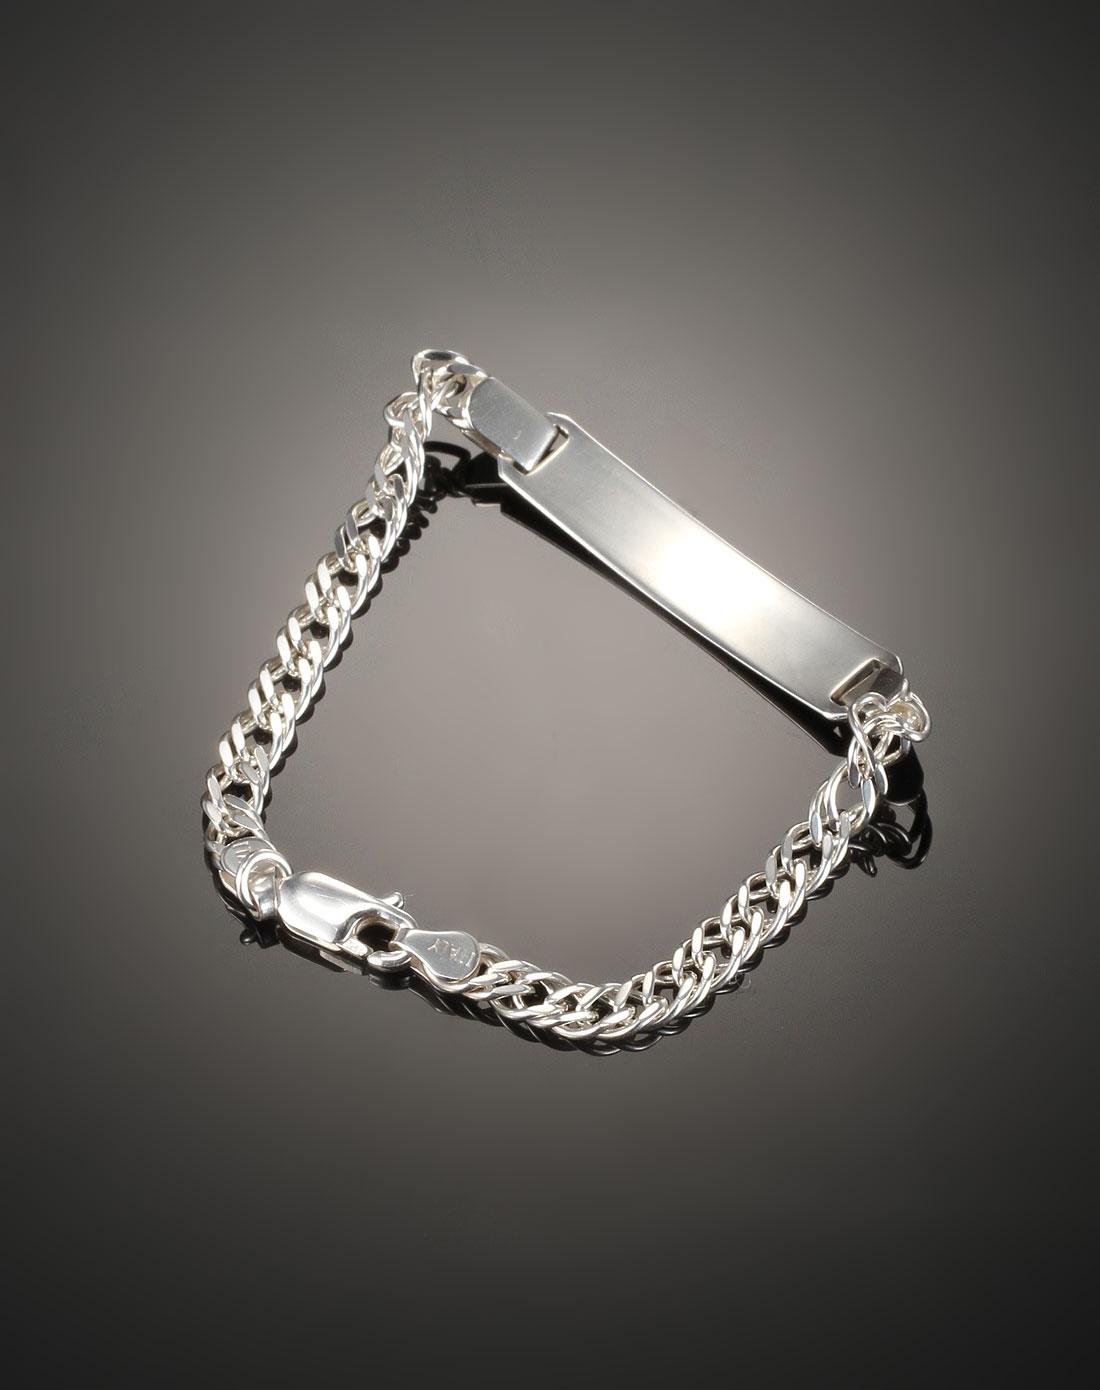 简约银手链